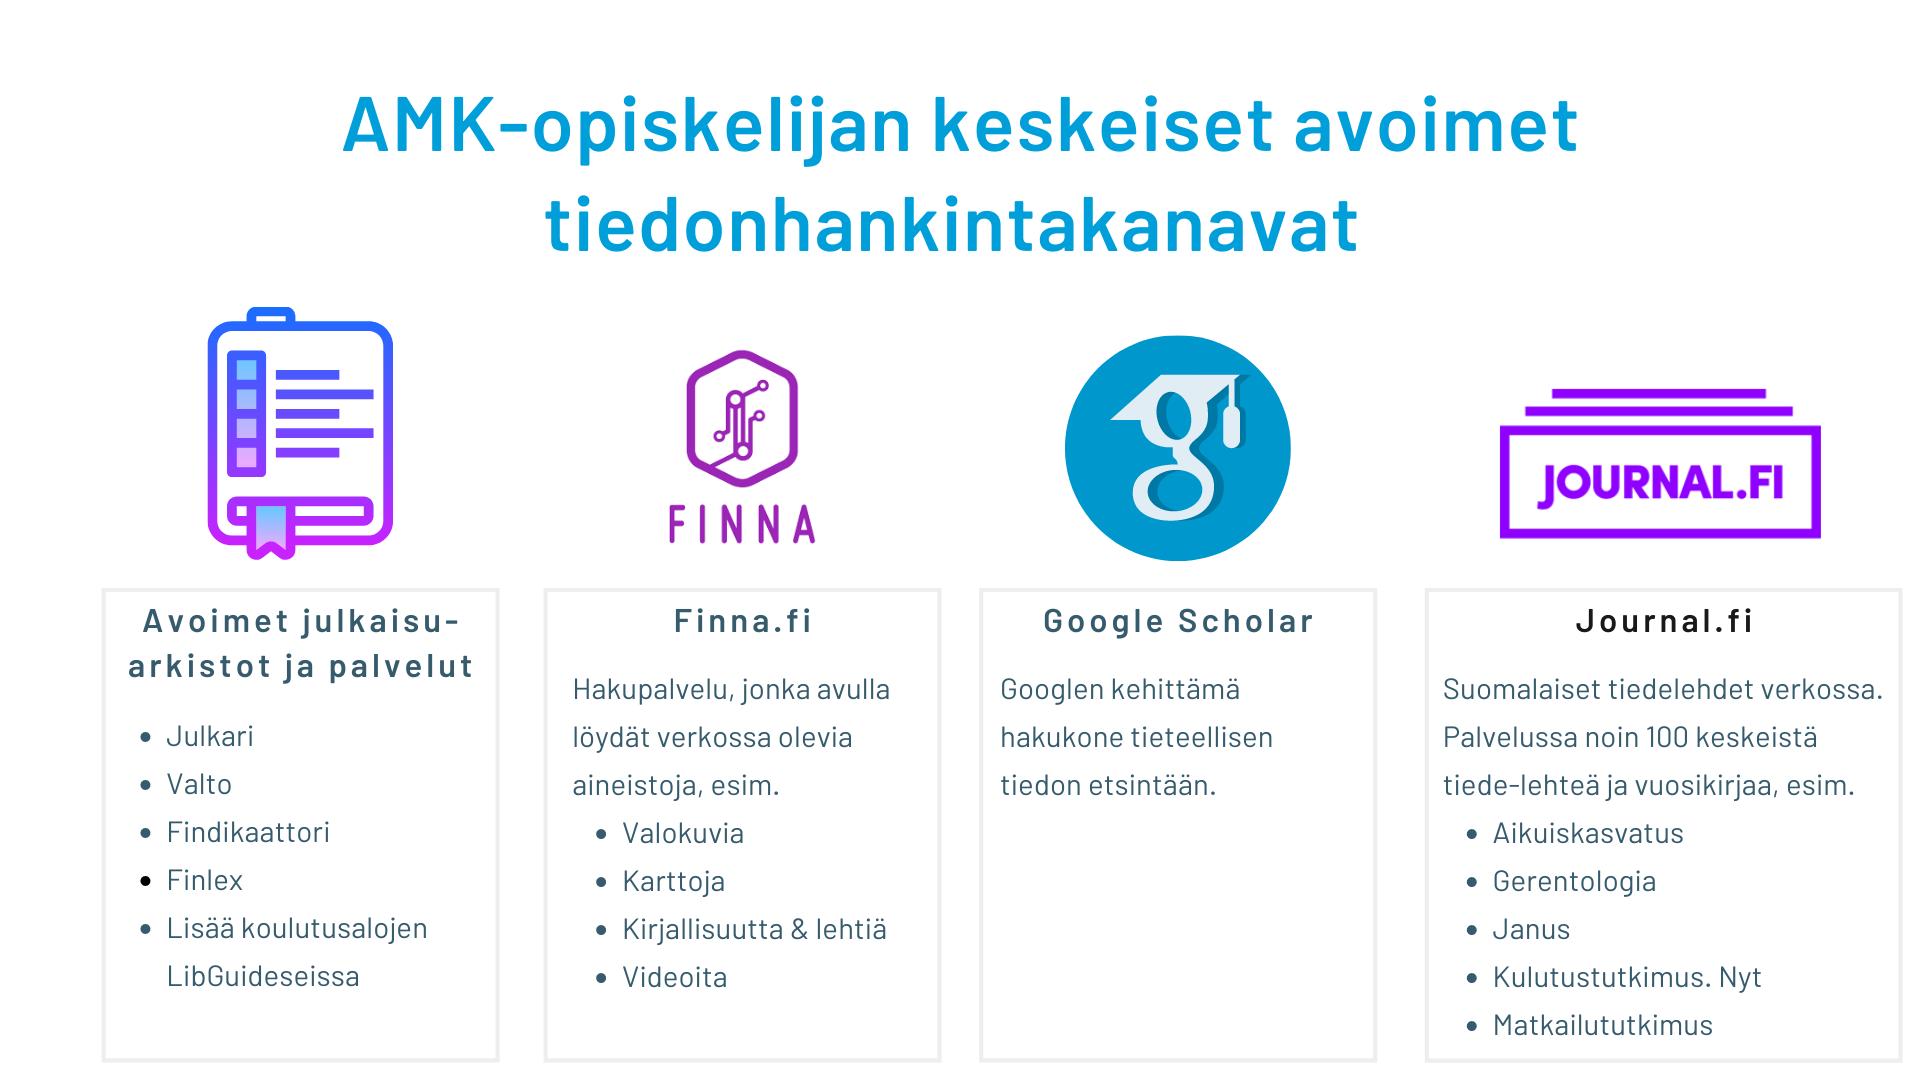 Kuvassa esitellään AMK-opiskelijan keskeiset avoimet tiedonhankintakanavat. Näitä on avoimet julkaisuarkistot ja -palvelut kuten Julkari, Valto, Findikaattori ja Finlex. Lisää julkaisuarkistoja ja -palveluita löytyy koulutusalojen LibGuideseista. Toinen keskeinen tiedonhankintakanava on Finna.fi-palvelu, jonka kautta löytää verkossa olevia museoiden ja kuva-arkistojen avaamia valokuvakokoelmia-, karttoja, videoita ja kirjallisuutta. Google Scholar on Googlen kehittämä hakukone tieteellisen tiedon hakemiseen. Journal-fi tiedelehtipalvelussa on saatavilla noin 100 keskeistä kotimaista tiedelehteä ja vuosikertaa kuten Aikuiskasvatus, Gerentologia, Janus, Kulutustutkimus. Nyt ja Matkailututkimus.